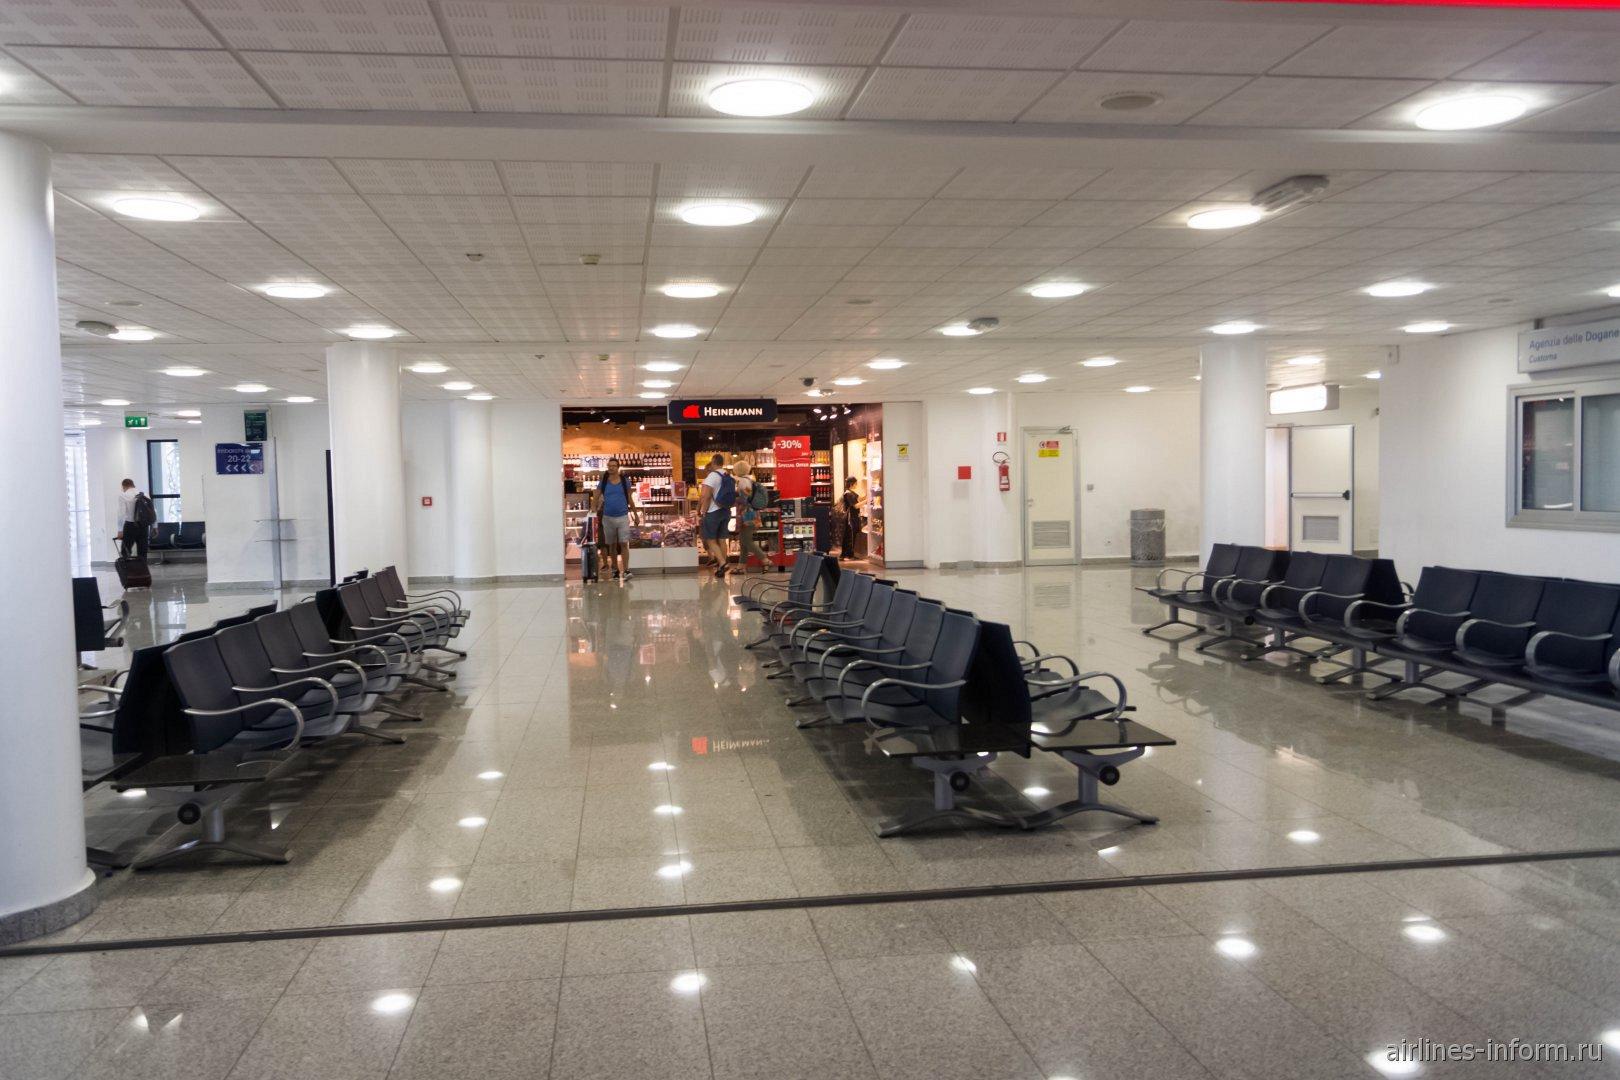 Накопитель для нешенгенских вылетов в аэропорту Катания-Фонтанаросса